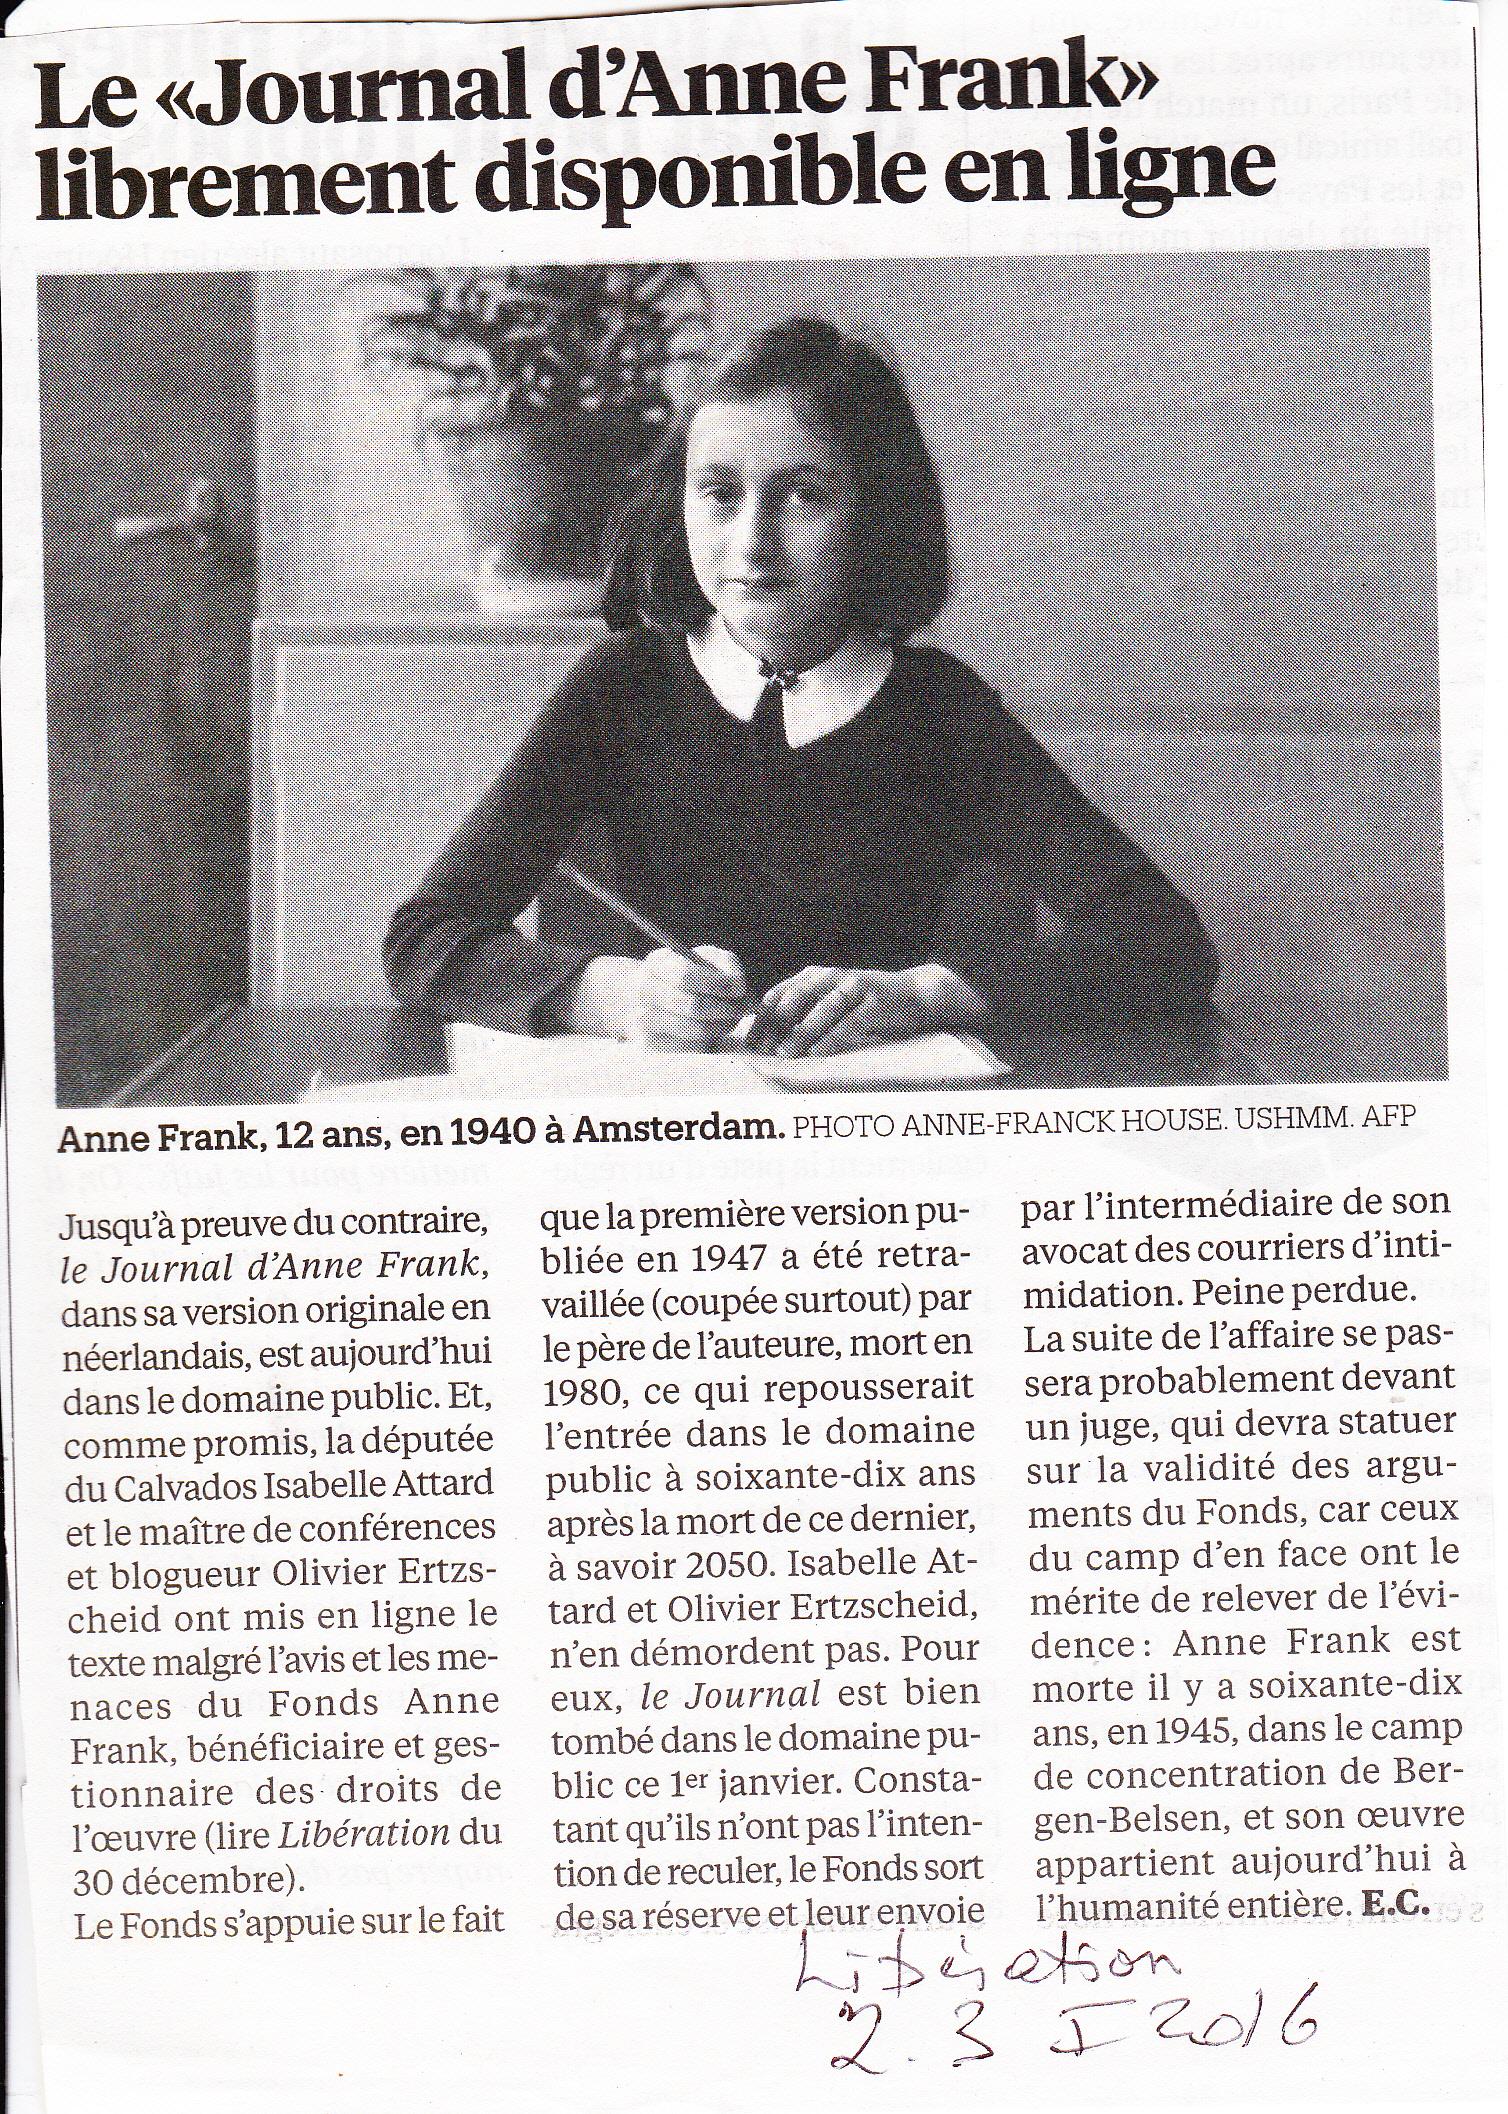 anne frank journal Le journal d'anne frank est un célèbre livre constitué du journal intime tenu par anne frank, elle-même, qui est une jeune fille juive allemande exilée aux pays-bas.